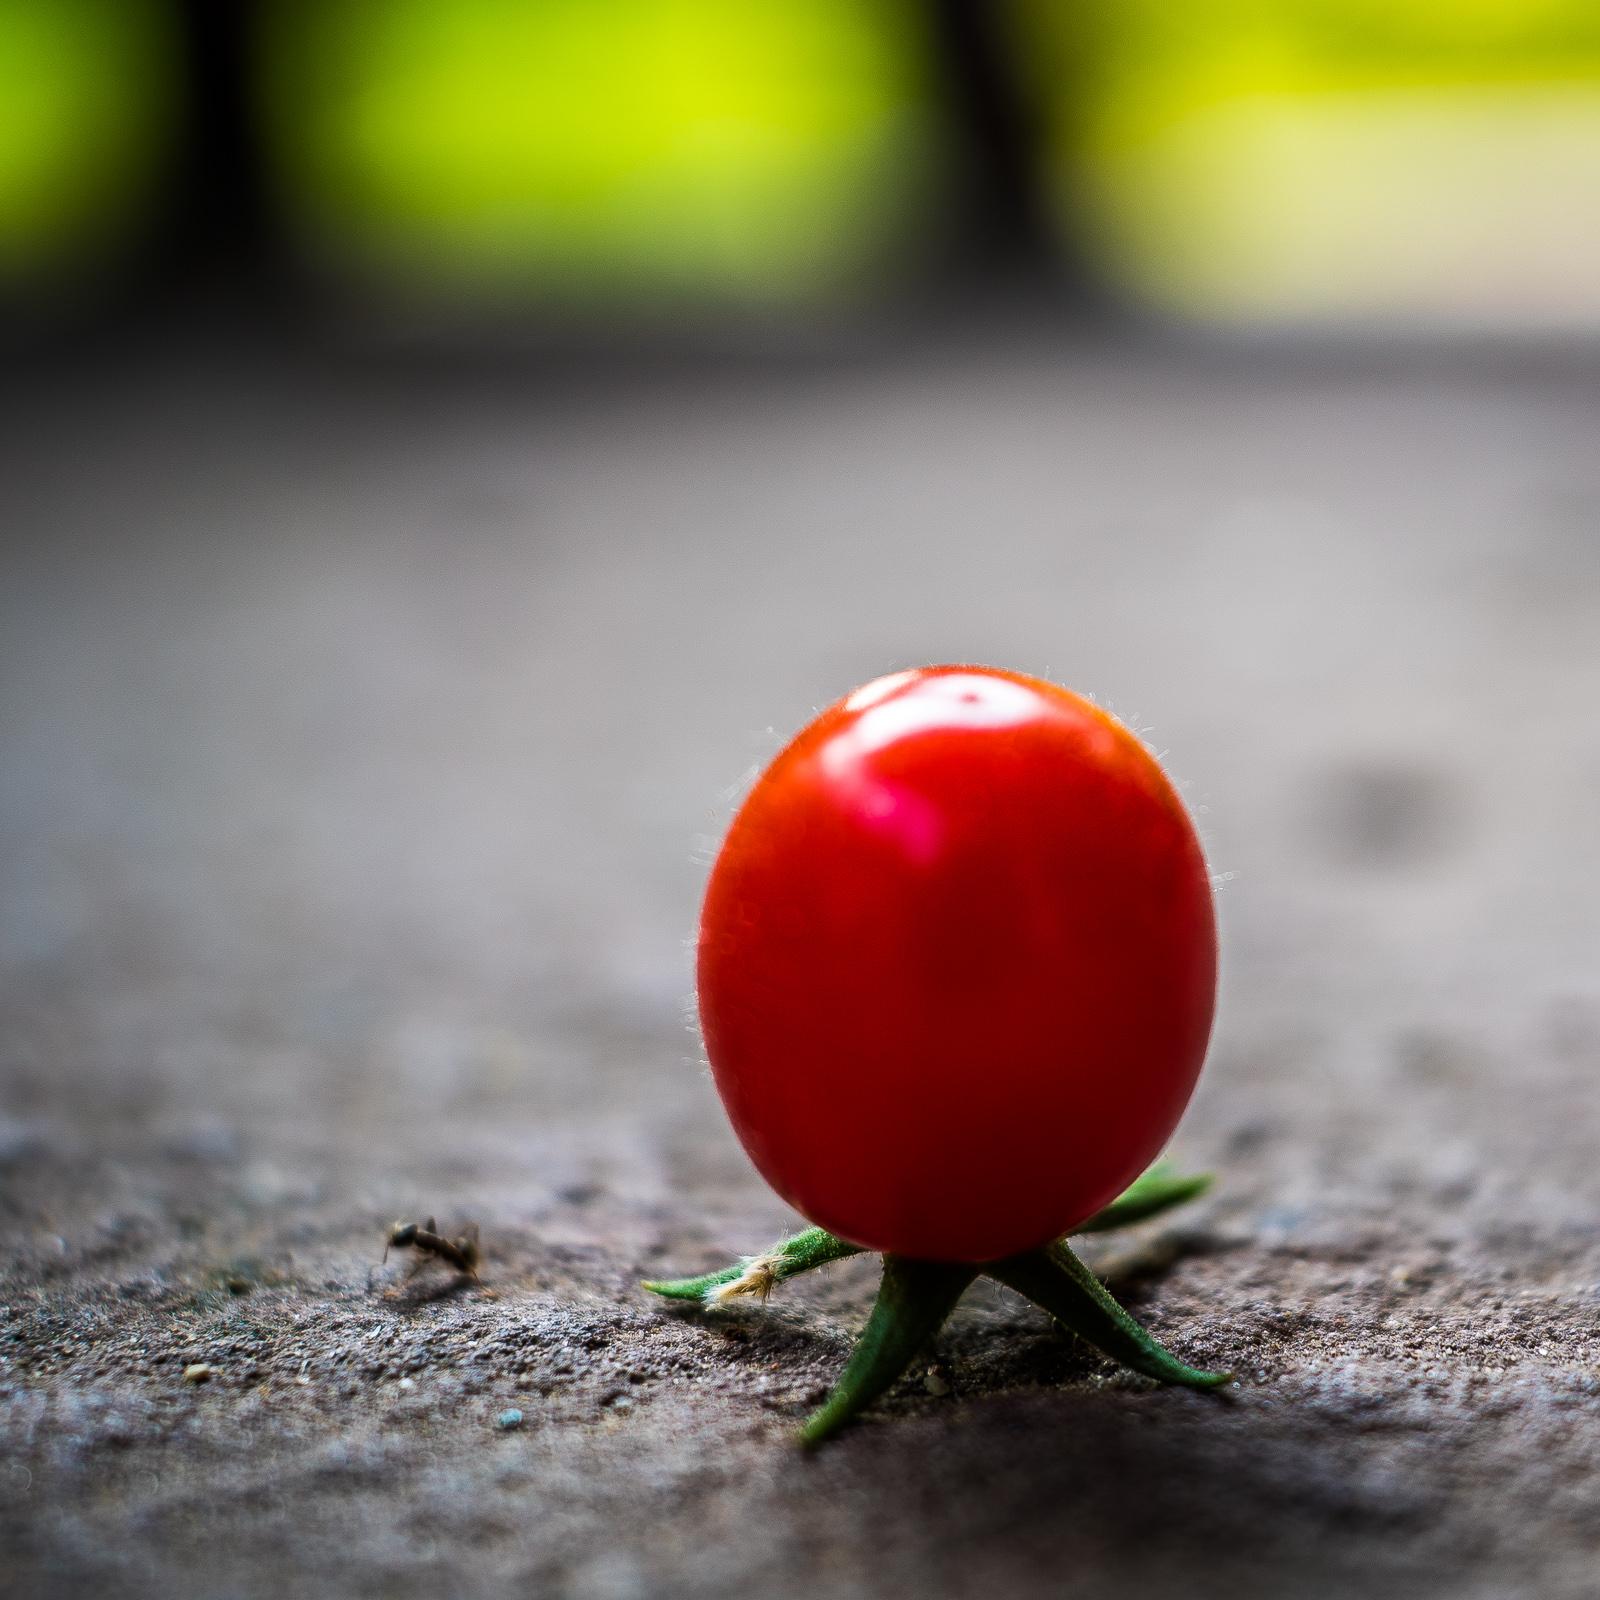 Tomate, auf ihrem Fruchtansatz stehend wie eine Mondlandefähre, mit Ameise